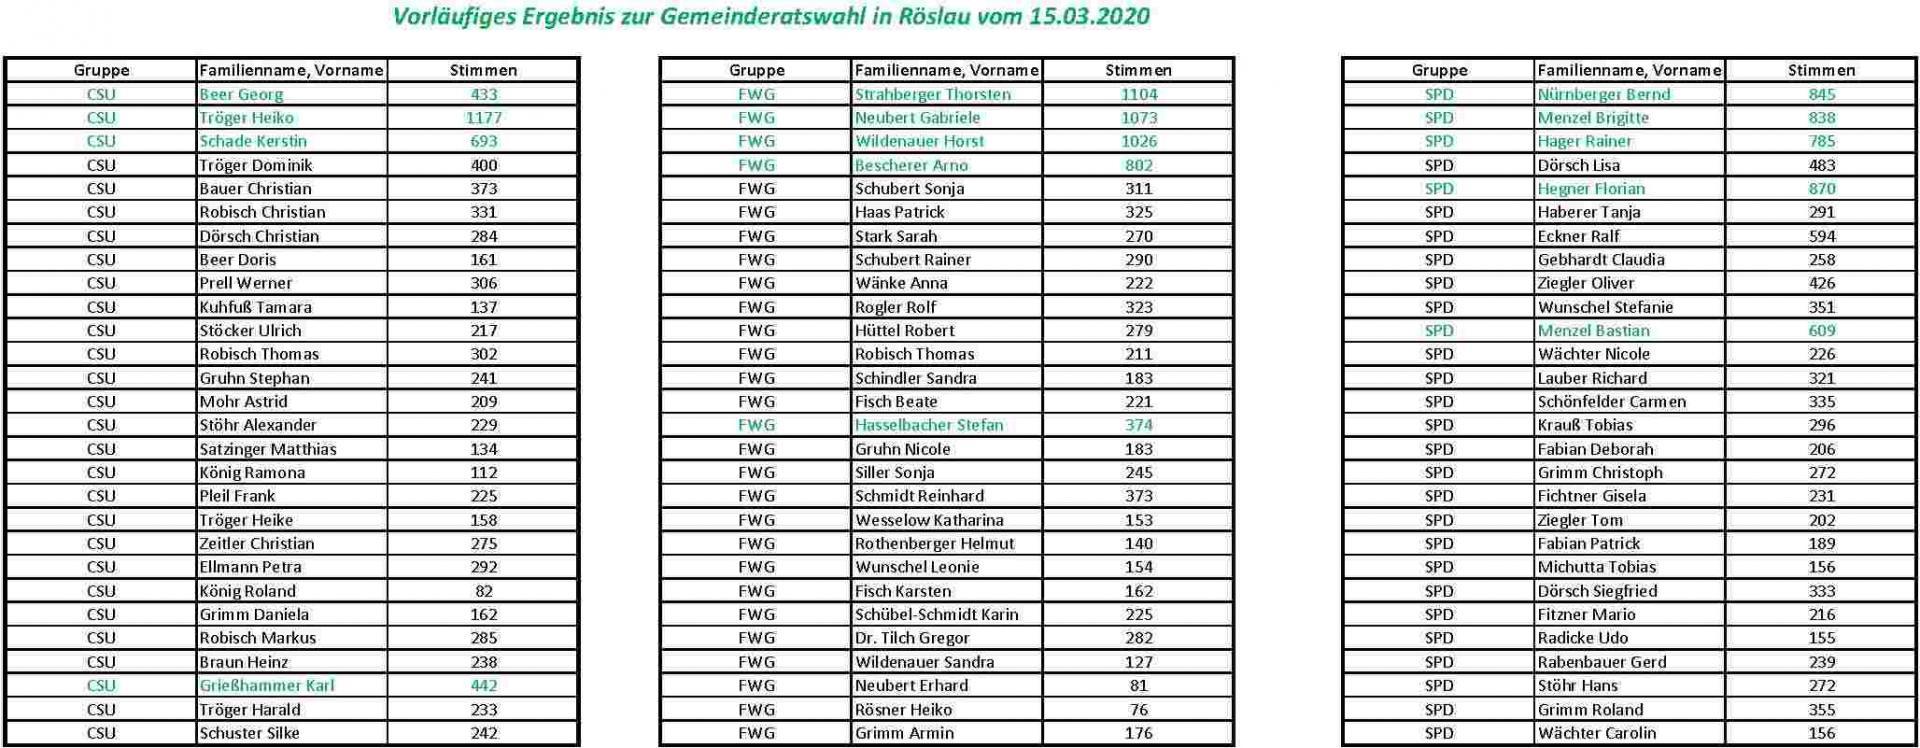 Vorläufiges Ergebnis der Gemeinderatswahl Röslau vom 15.03.2020